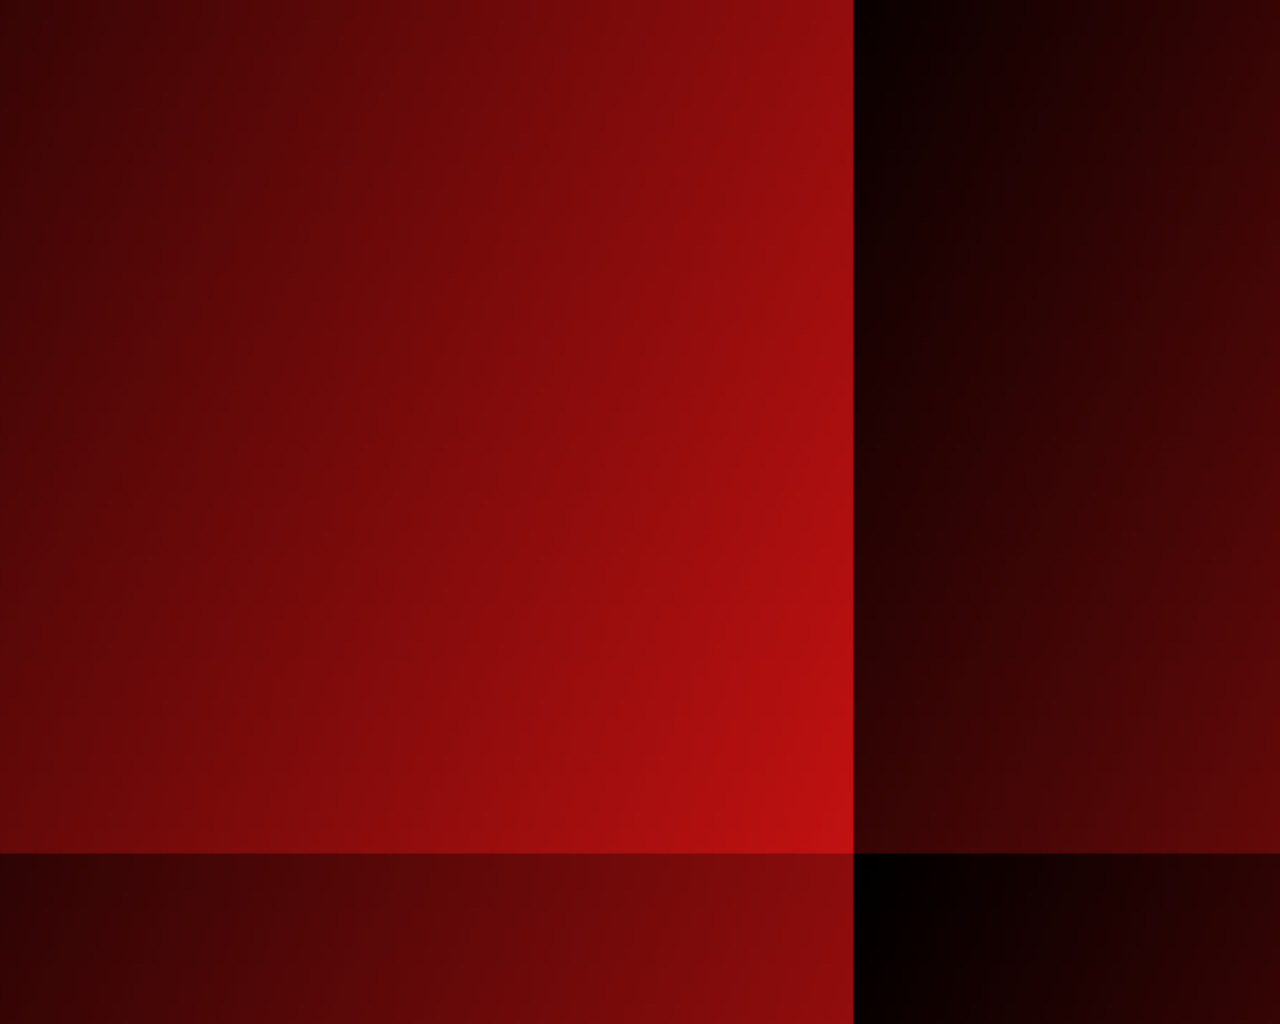 Fondos Web Rojos